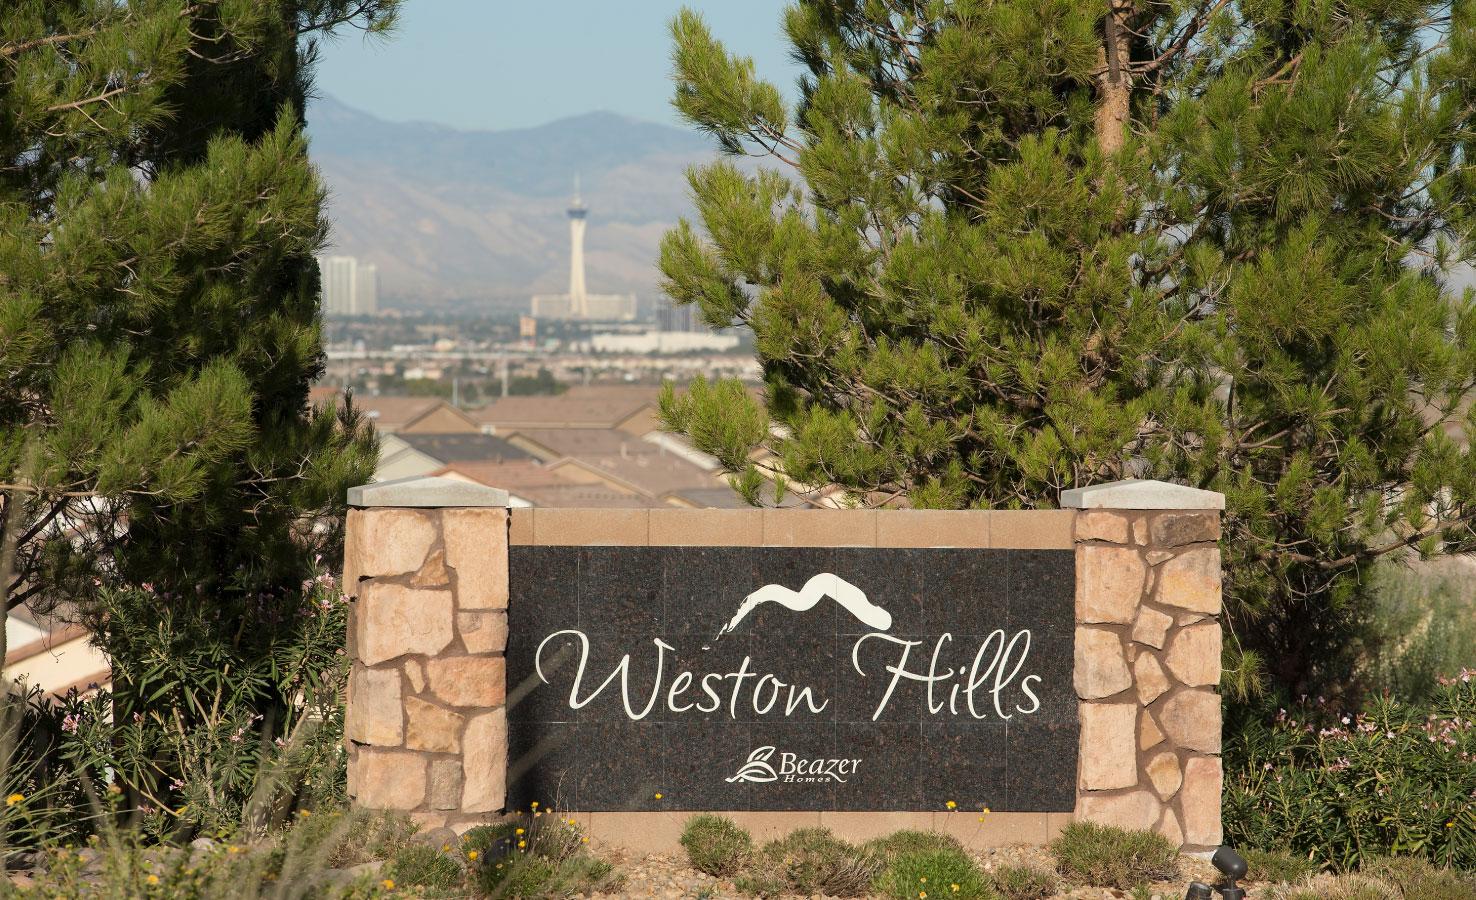 weston-hills-1.jpg